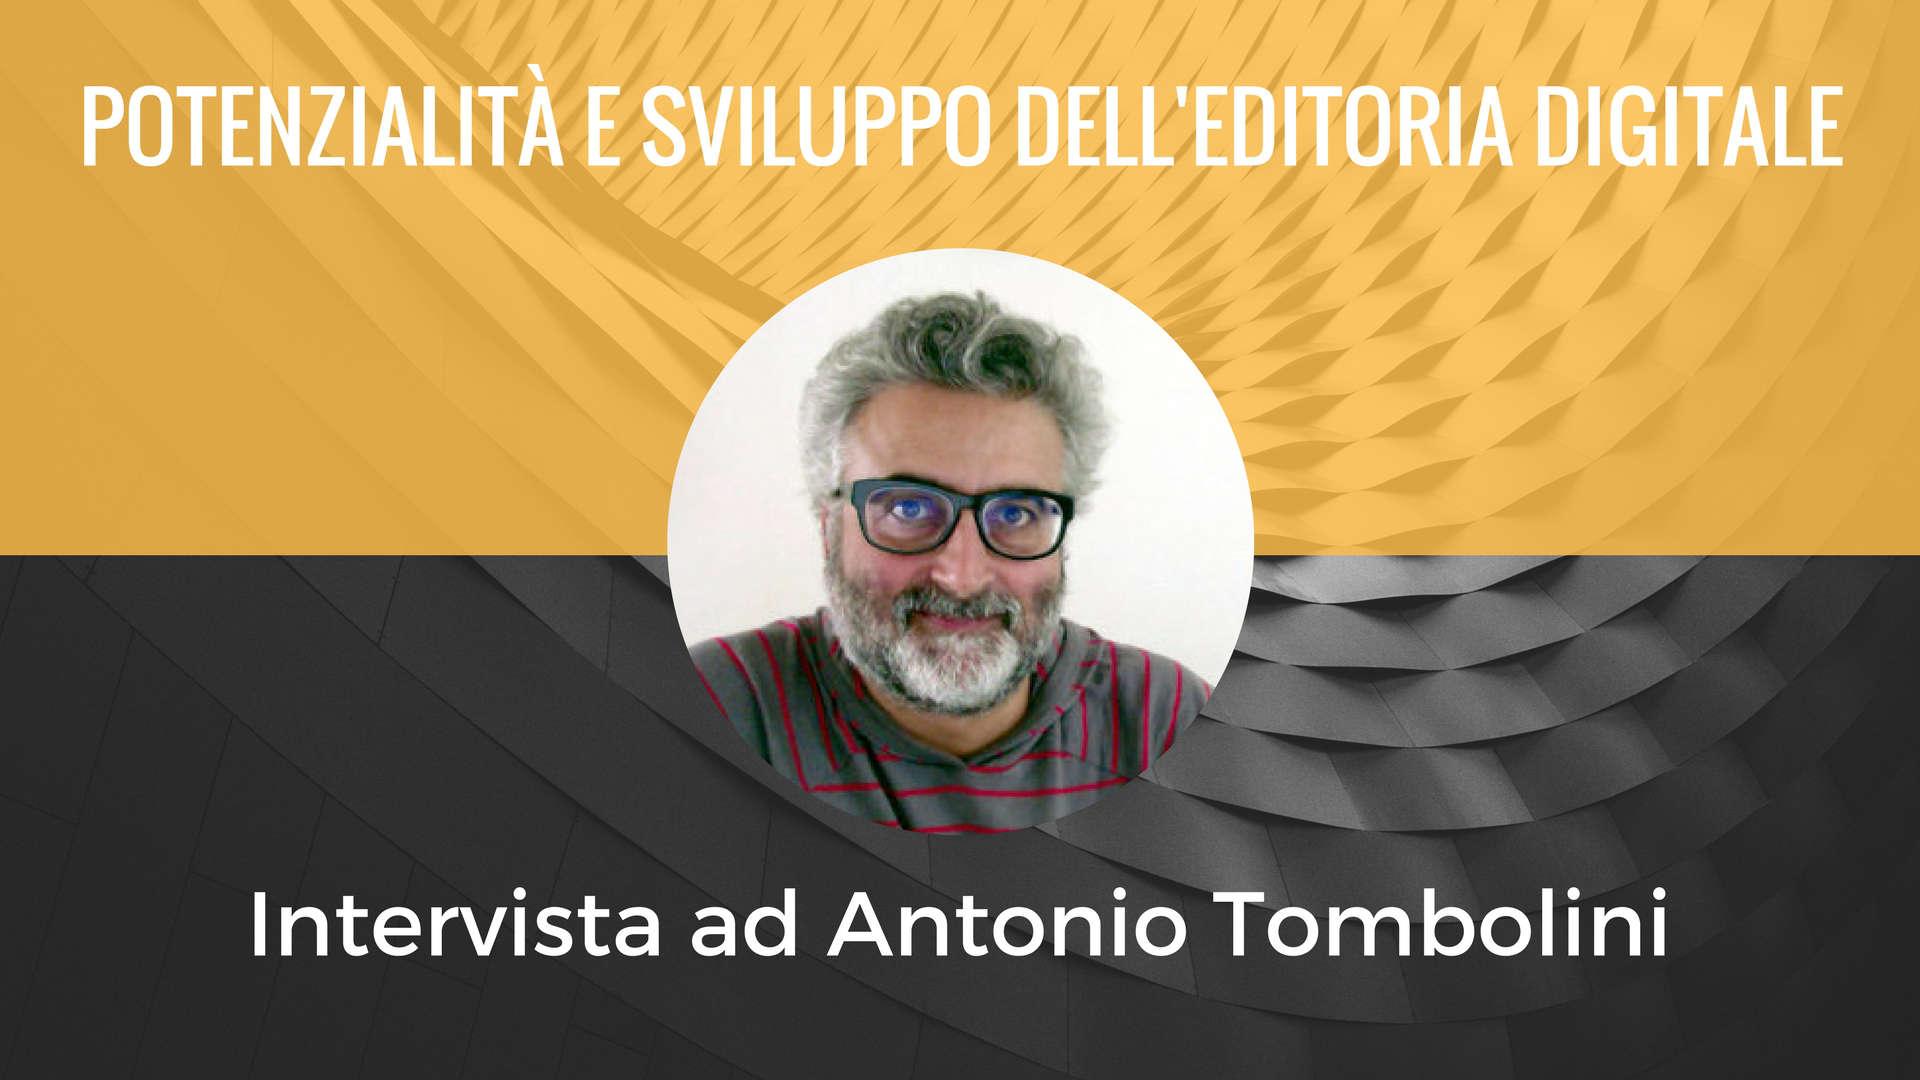 Intervista ad Antonio Tombolini